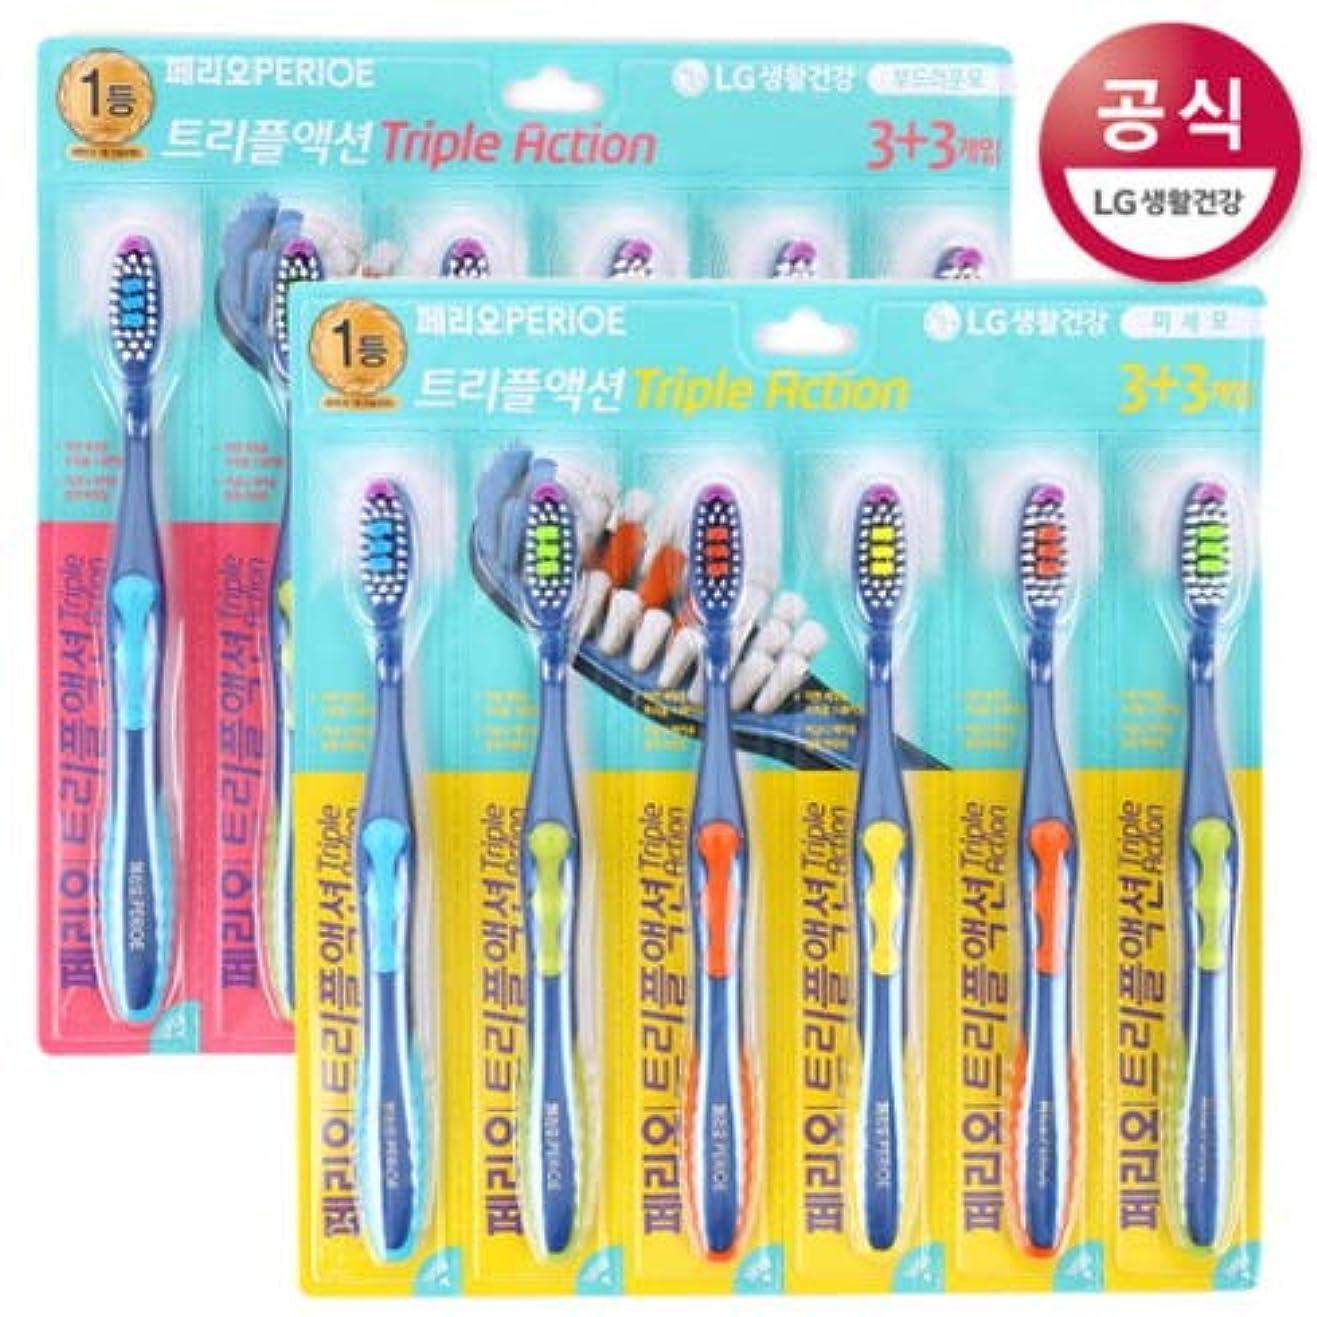 スプリットブルゴーニュバレエ[LG HnB] Perio Triple Action Toothbrush/ペリオトリプルアクション歯ブラシ 6口x2個(海外直送品)